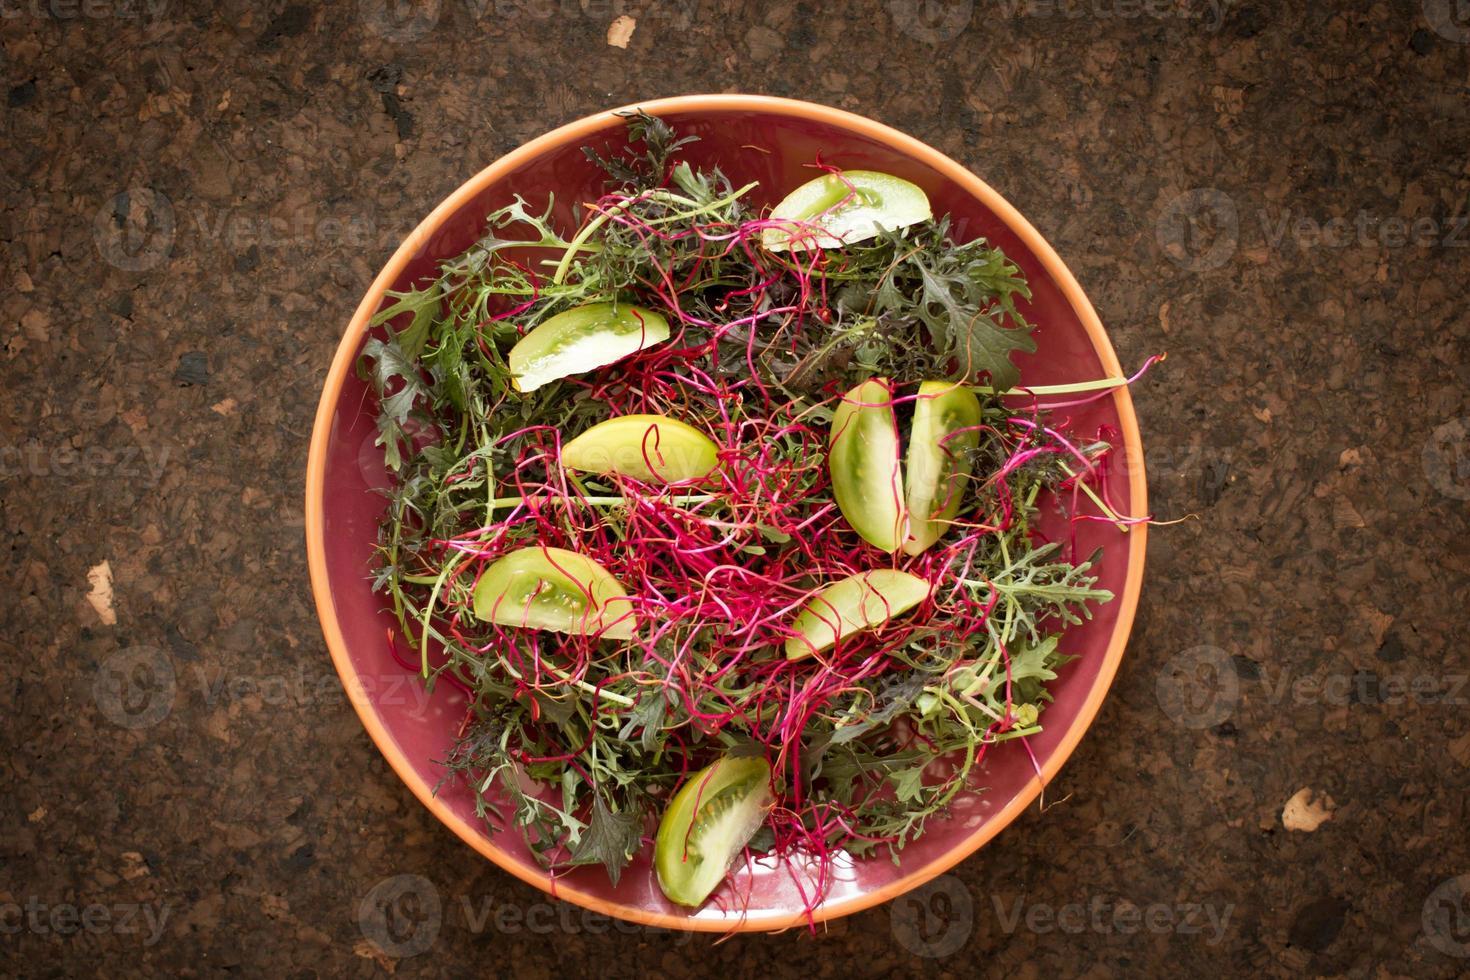 Salatblätter für einen gesunden Körper und Geist foto